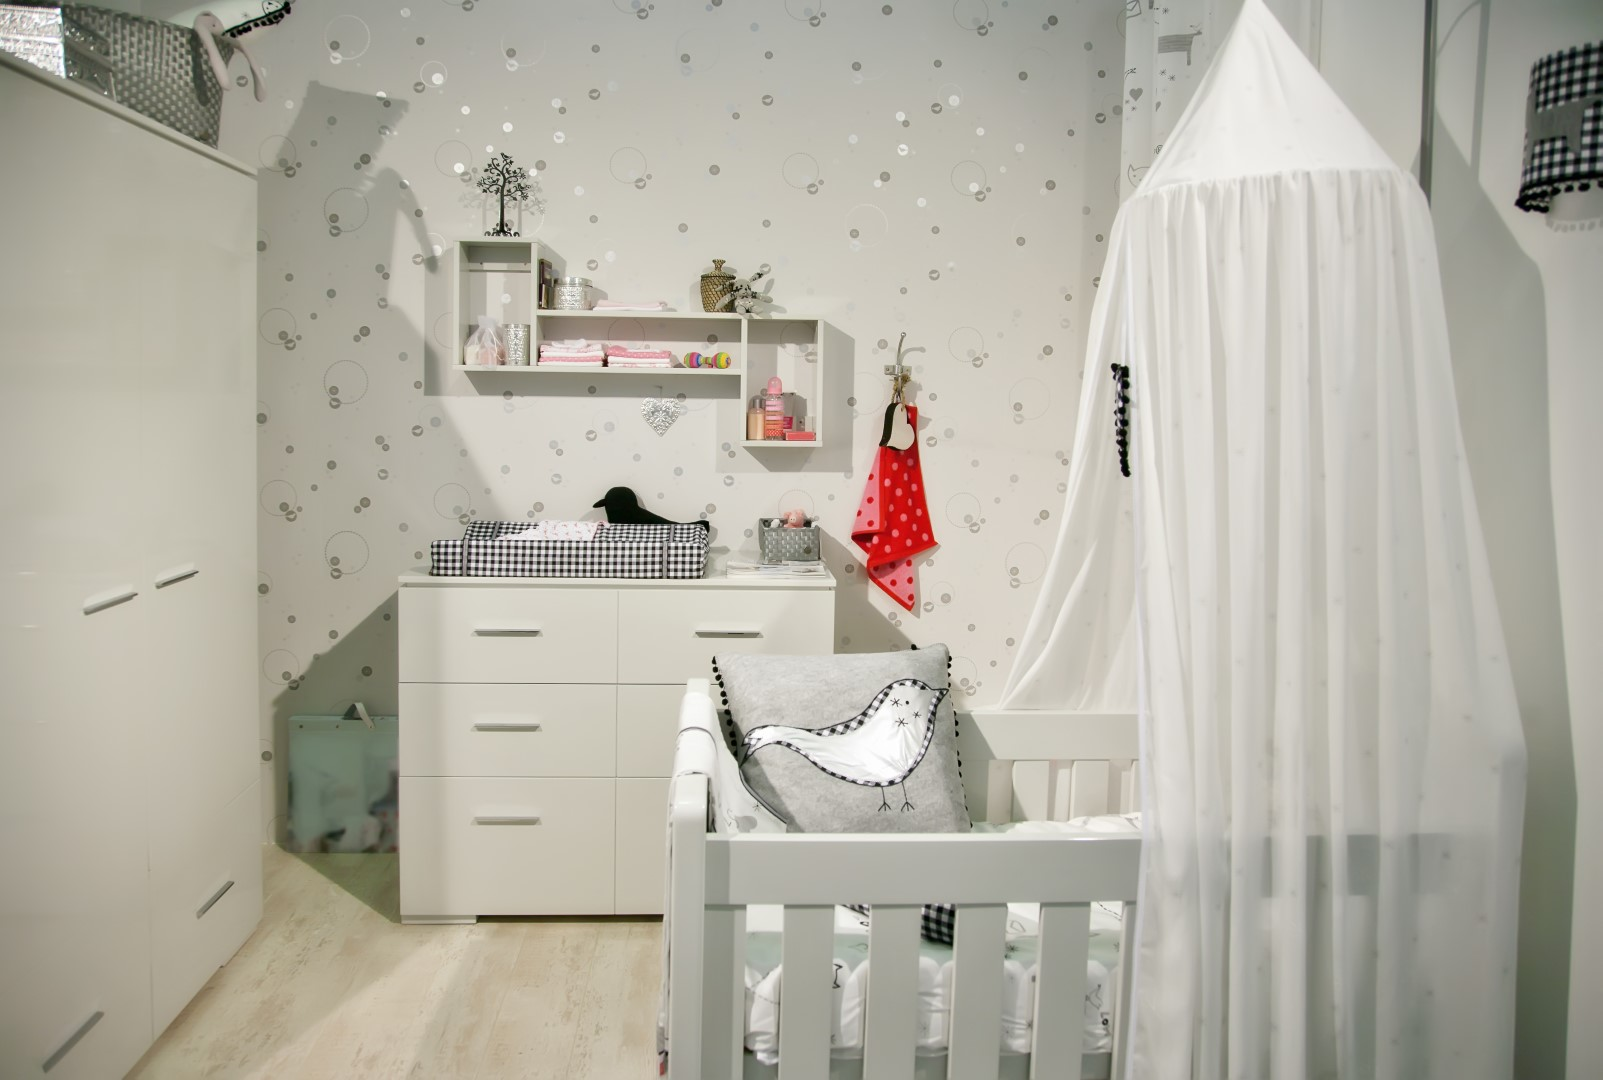 Pokojík pro novorozence